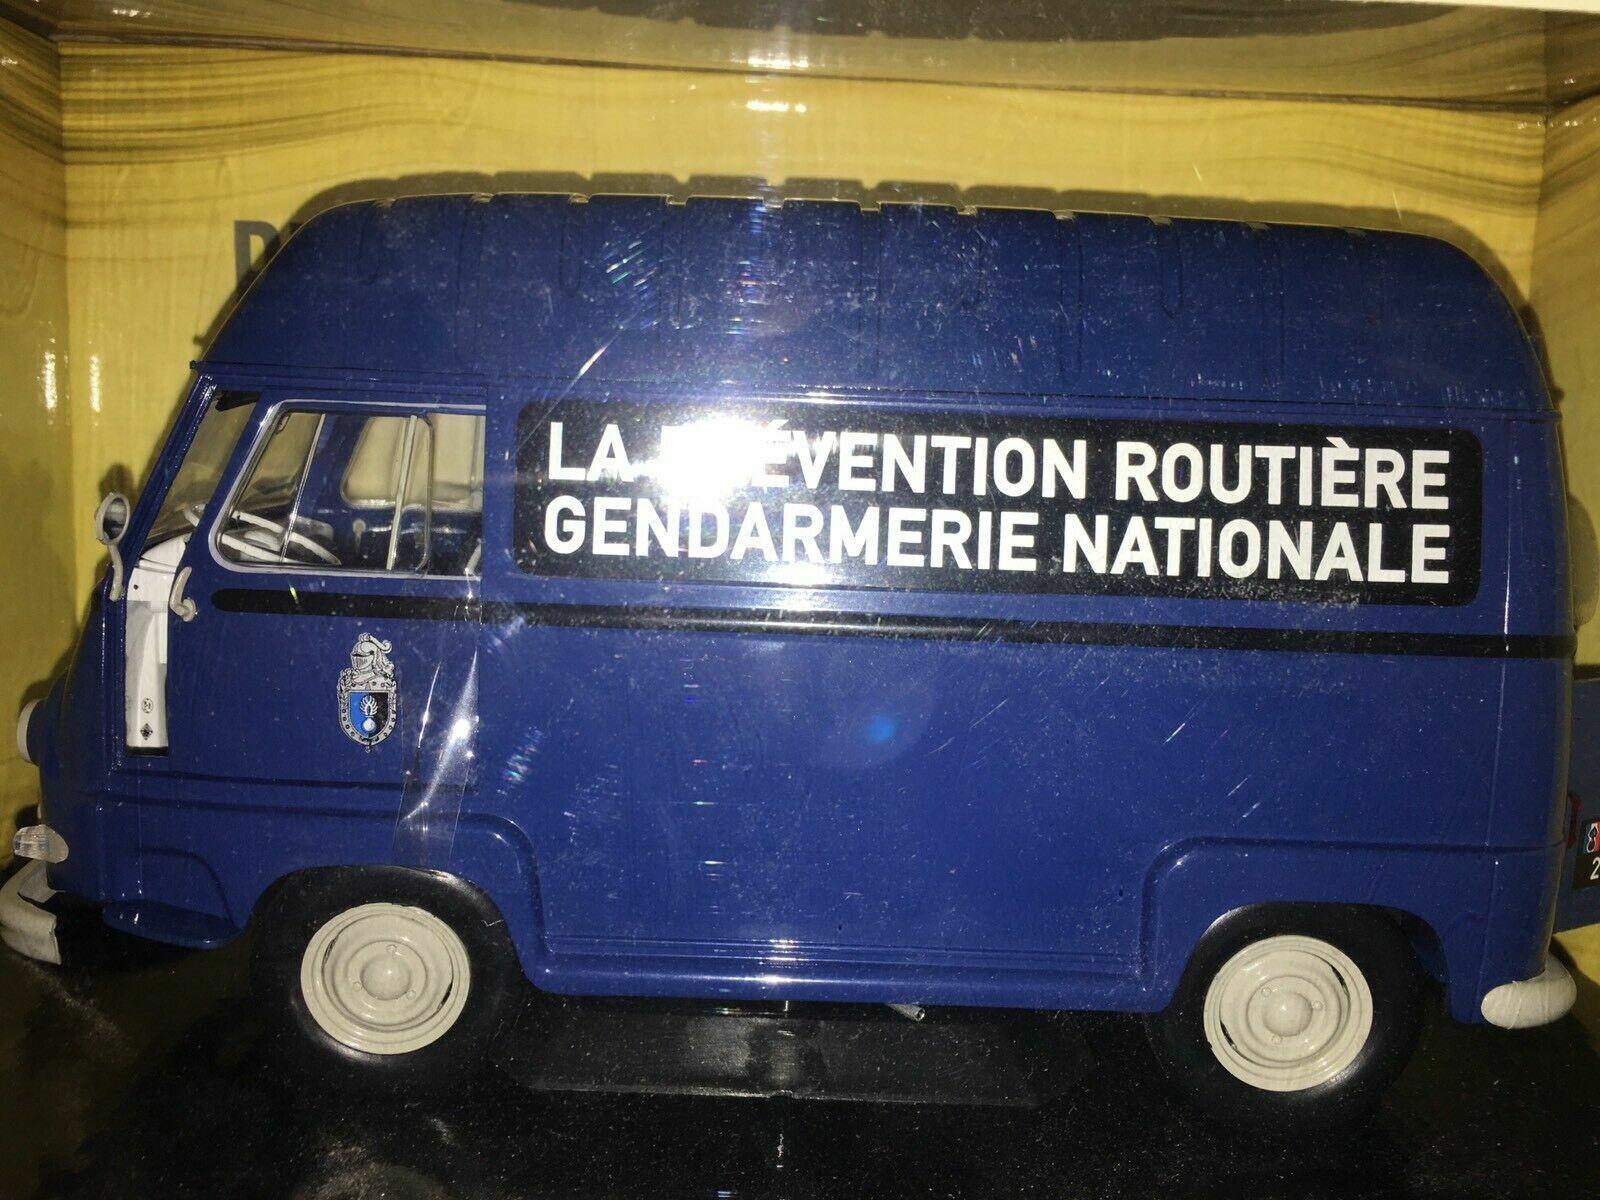 Renault estafette France rehaussee 1 18 185165 norev